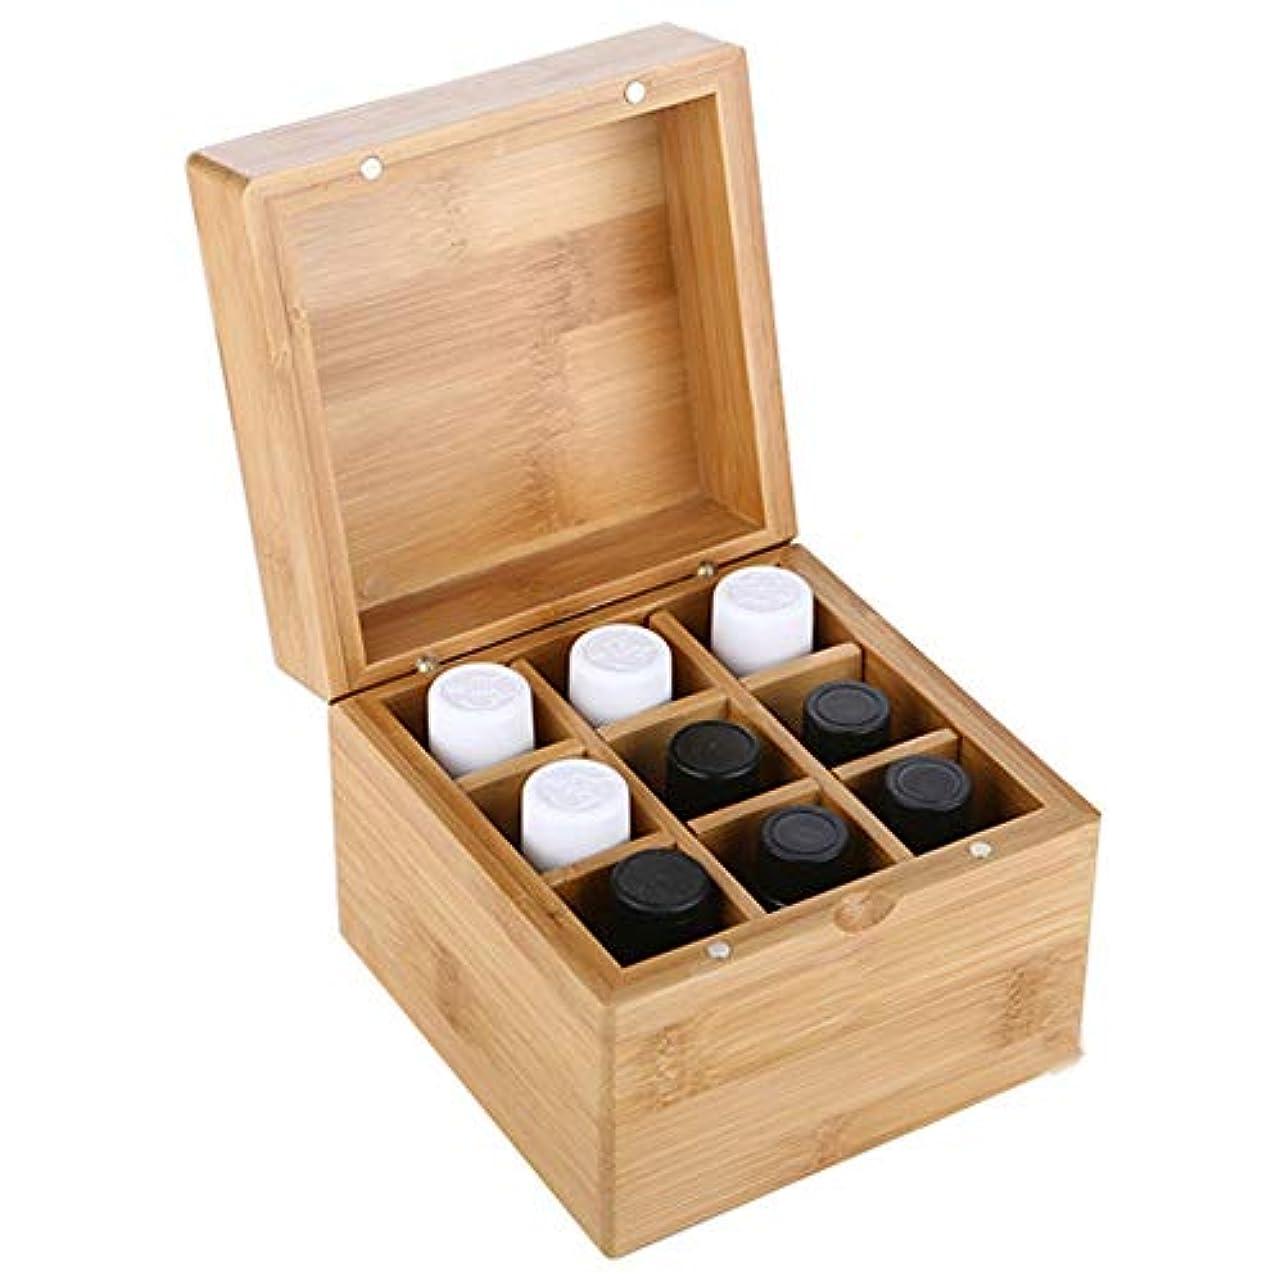 ベアリングプレーヤー重さ9スロットエッセンシャルオイルボックス木製収納ケースは、あなたの油安全保護さを保つ保護します アロマセラピー製品 (色 : Natural, サイズ : 11.5X11.5X8.3CM)